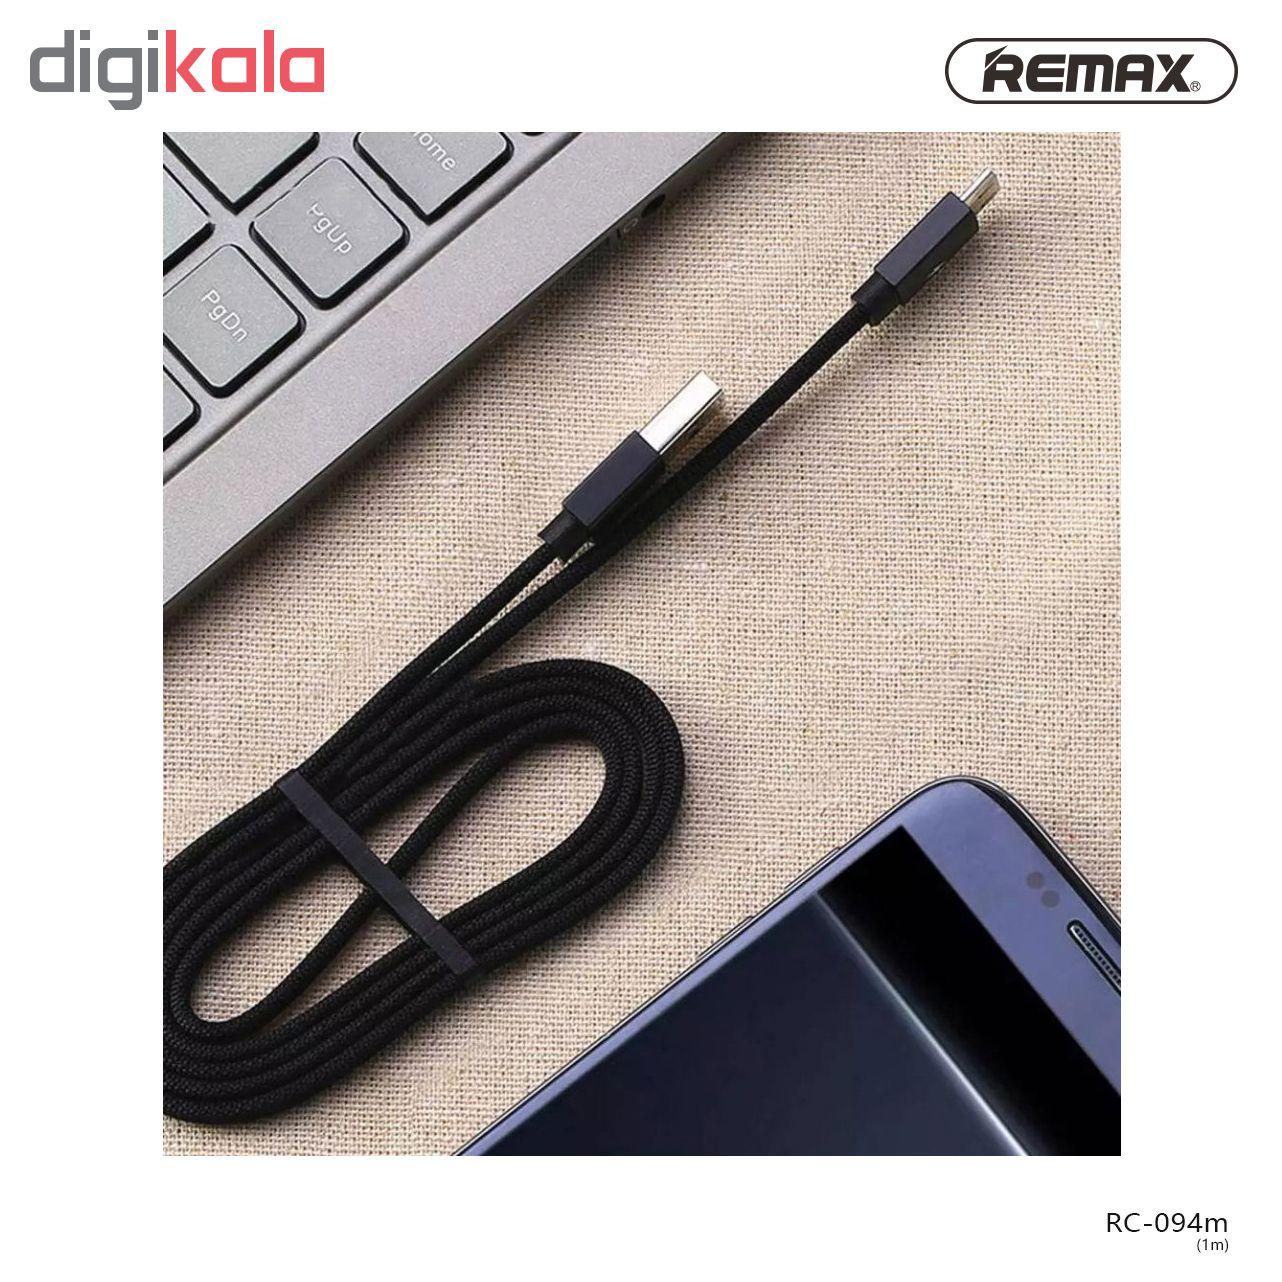 کابل تبدیل USB به microUSB ریمکس مدل Kerolla RC-094m طول 1 متر main 1 7